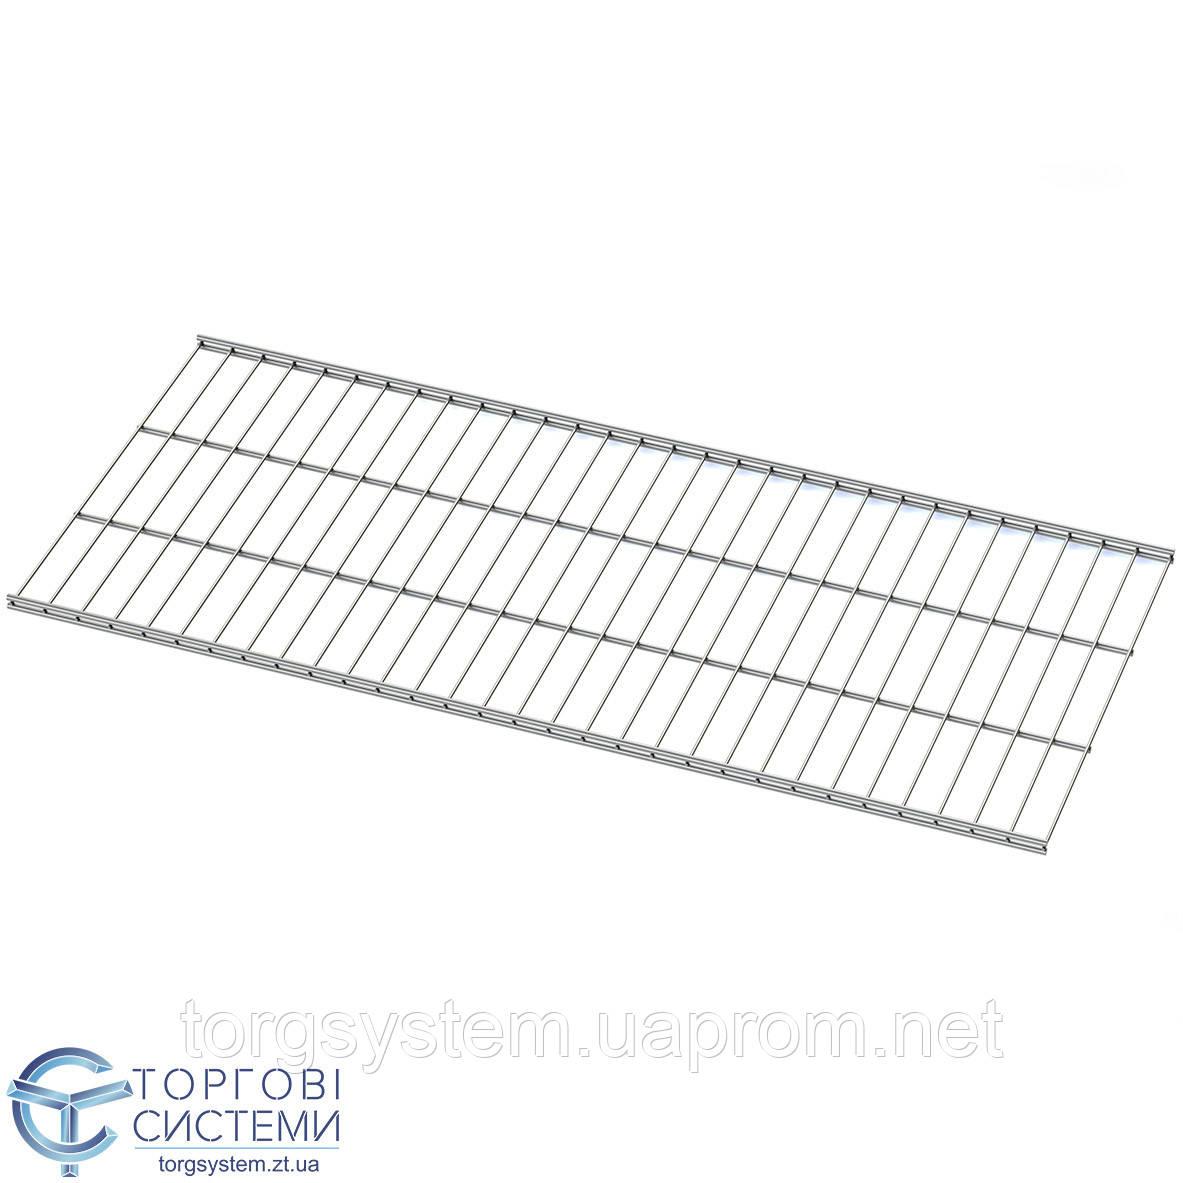 Полка сетчатая 406х606 для гардеробной системы